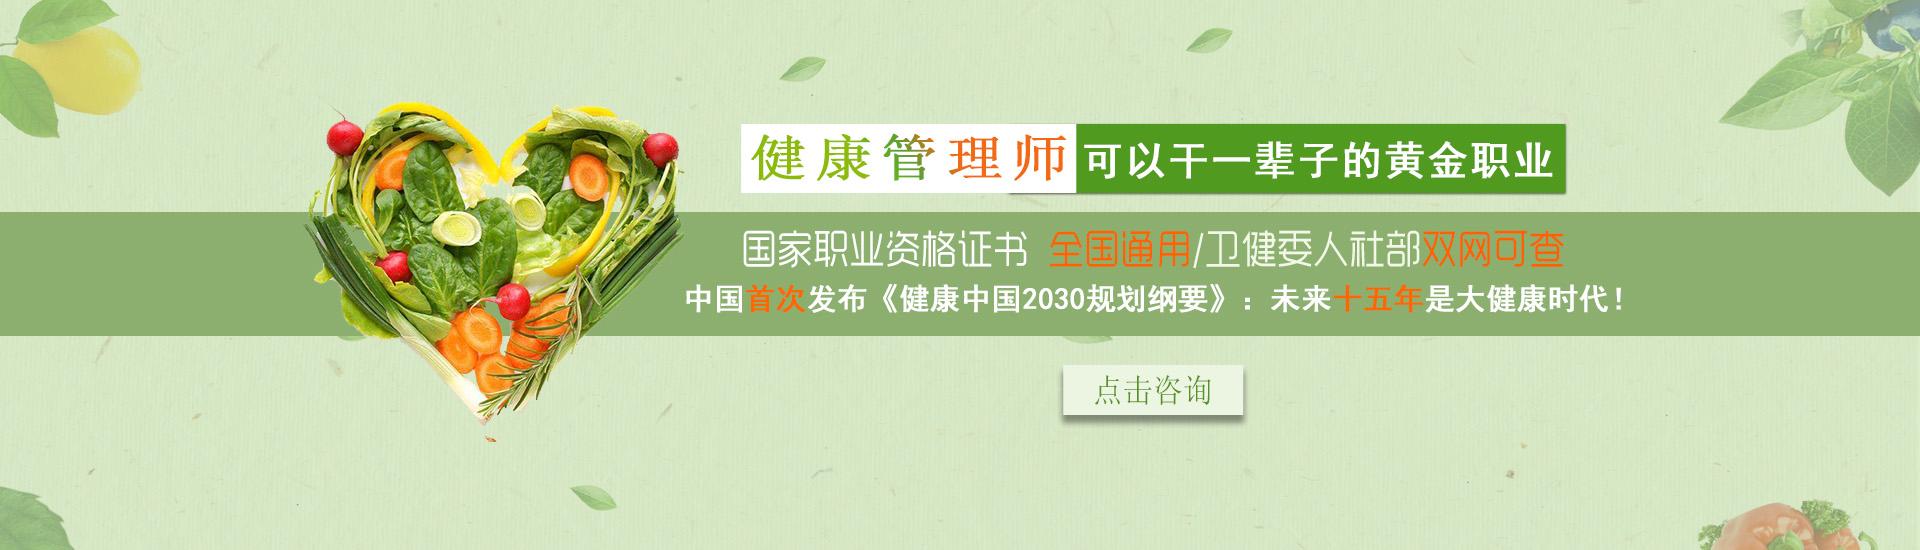 北京健康管理师加盟